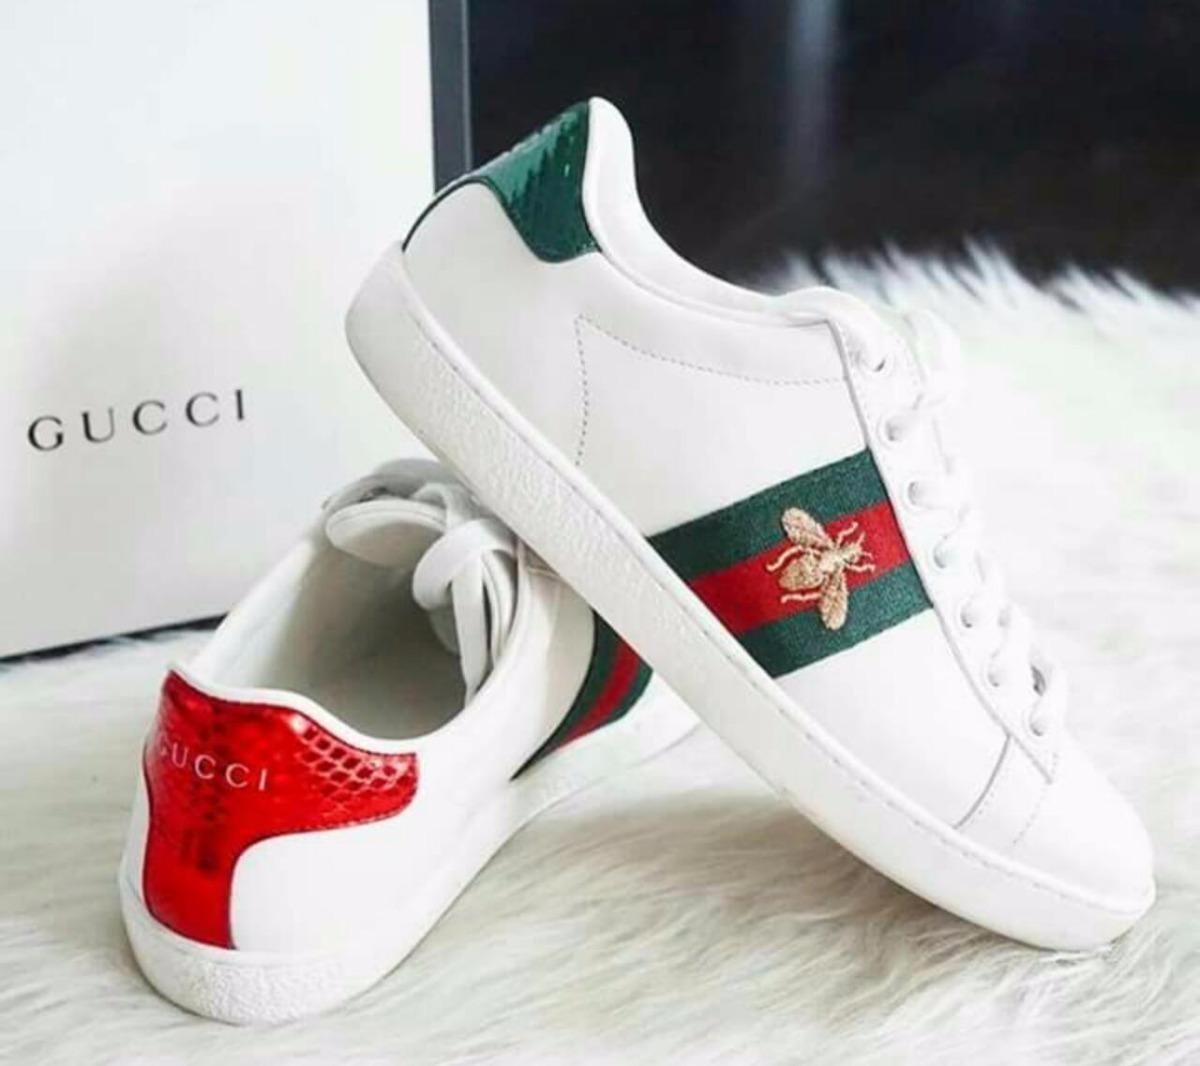 4e1750e244384 Zapatillas Gucci Unisex Importadas En Caja Envíos Gratis ...